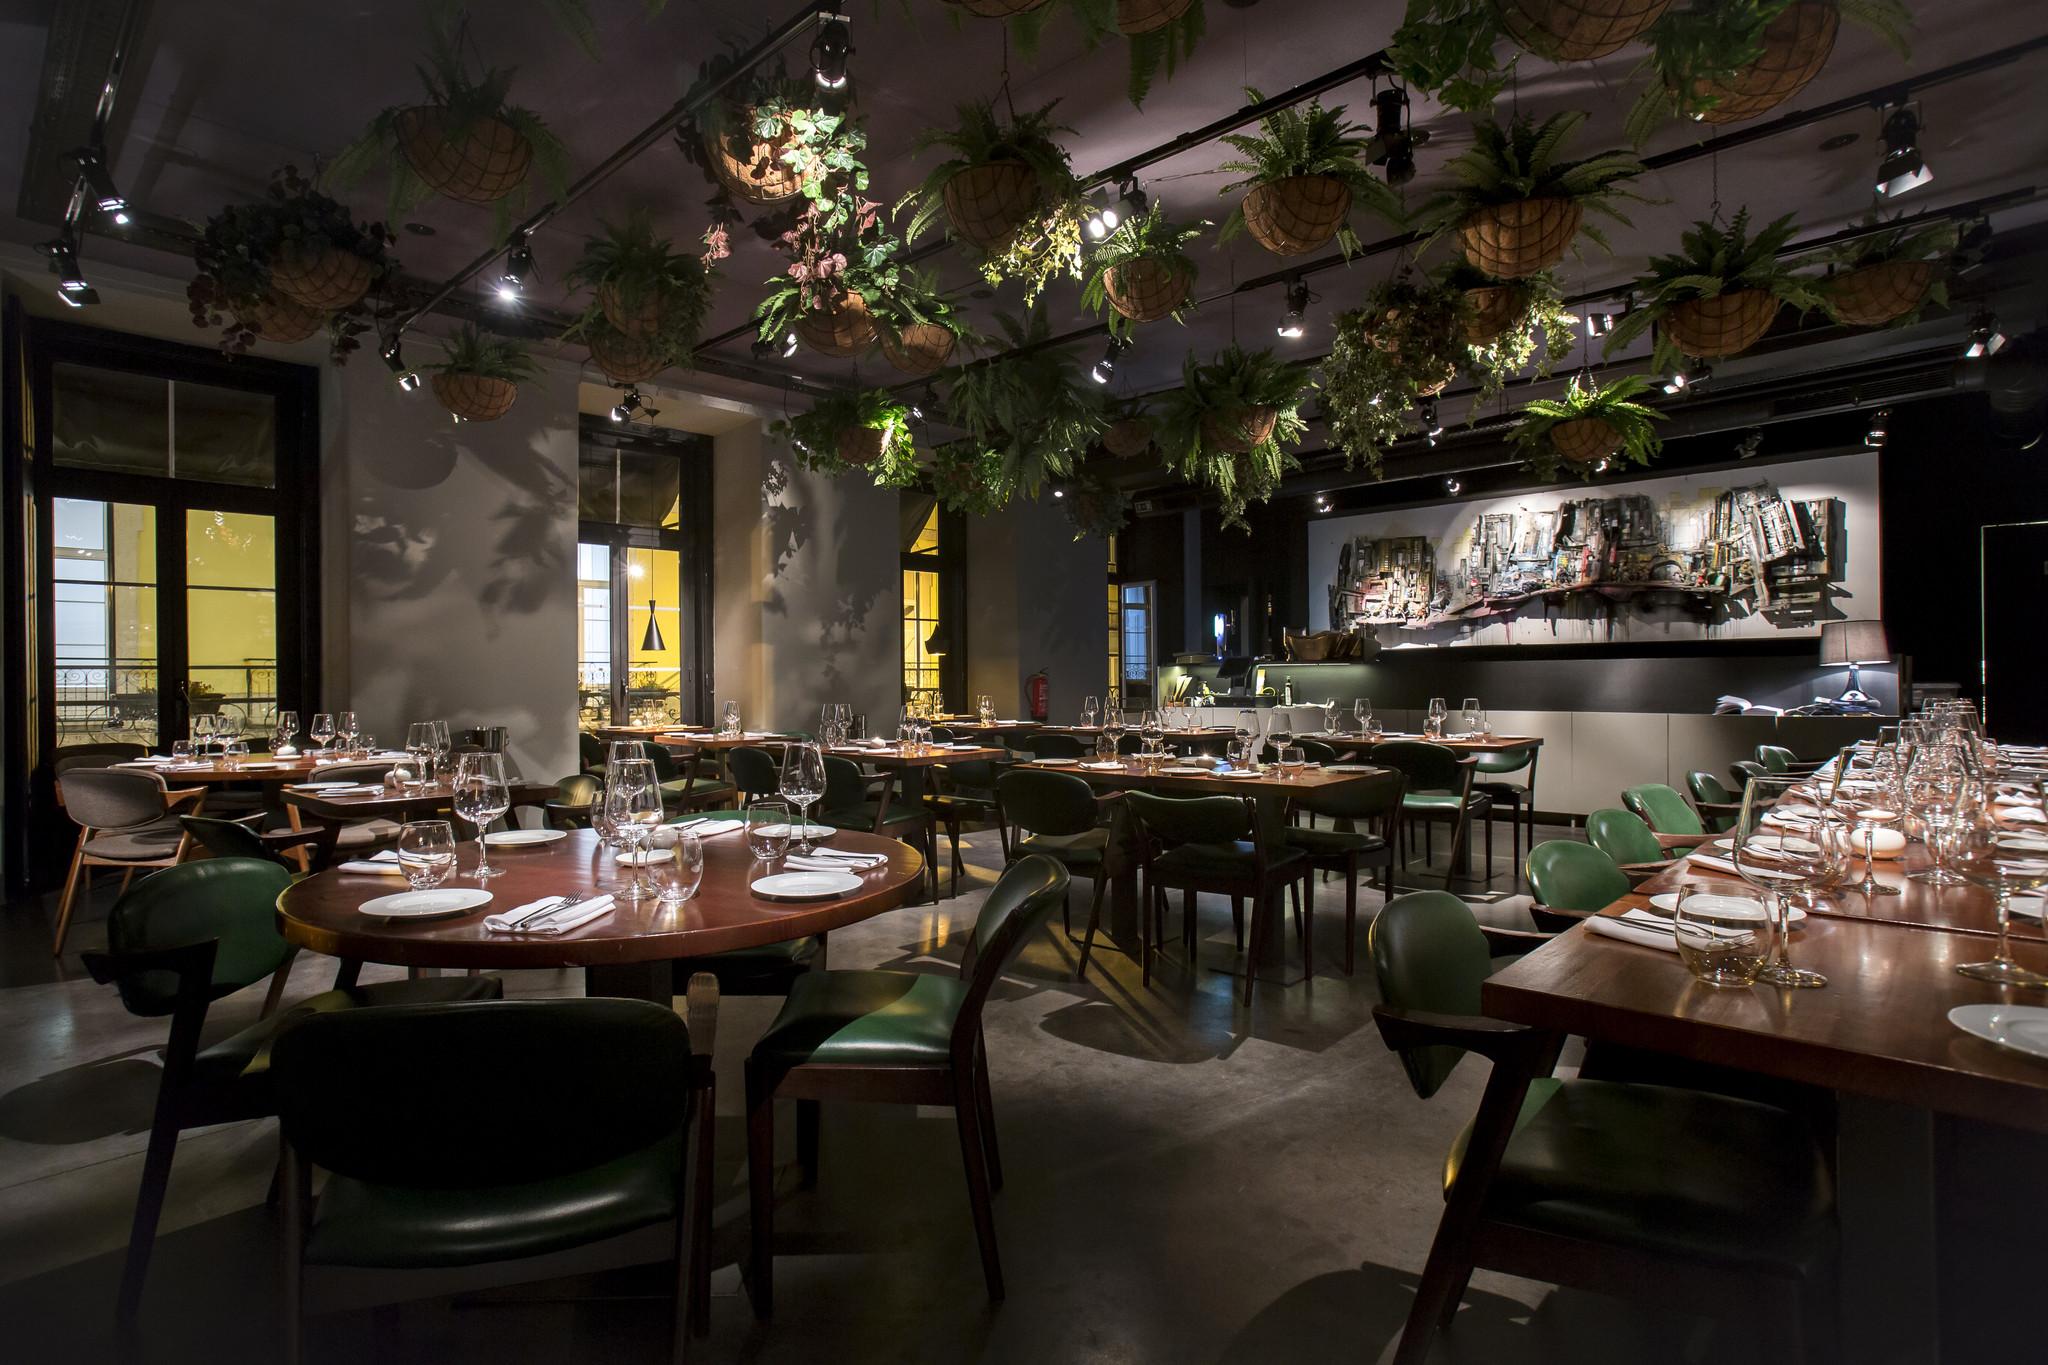 Restaurante_2.jpg